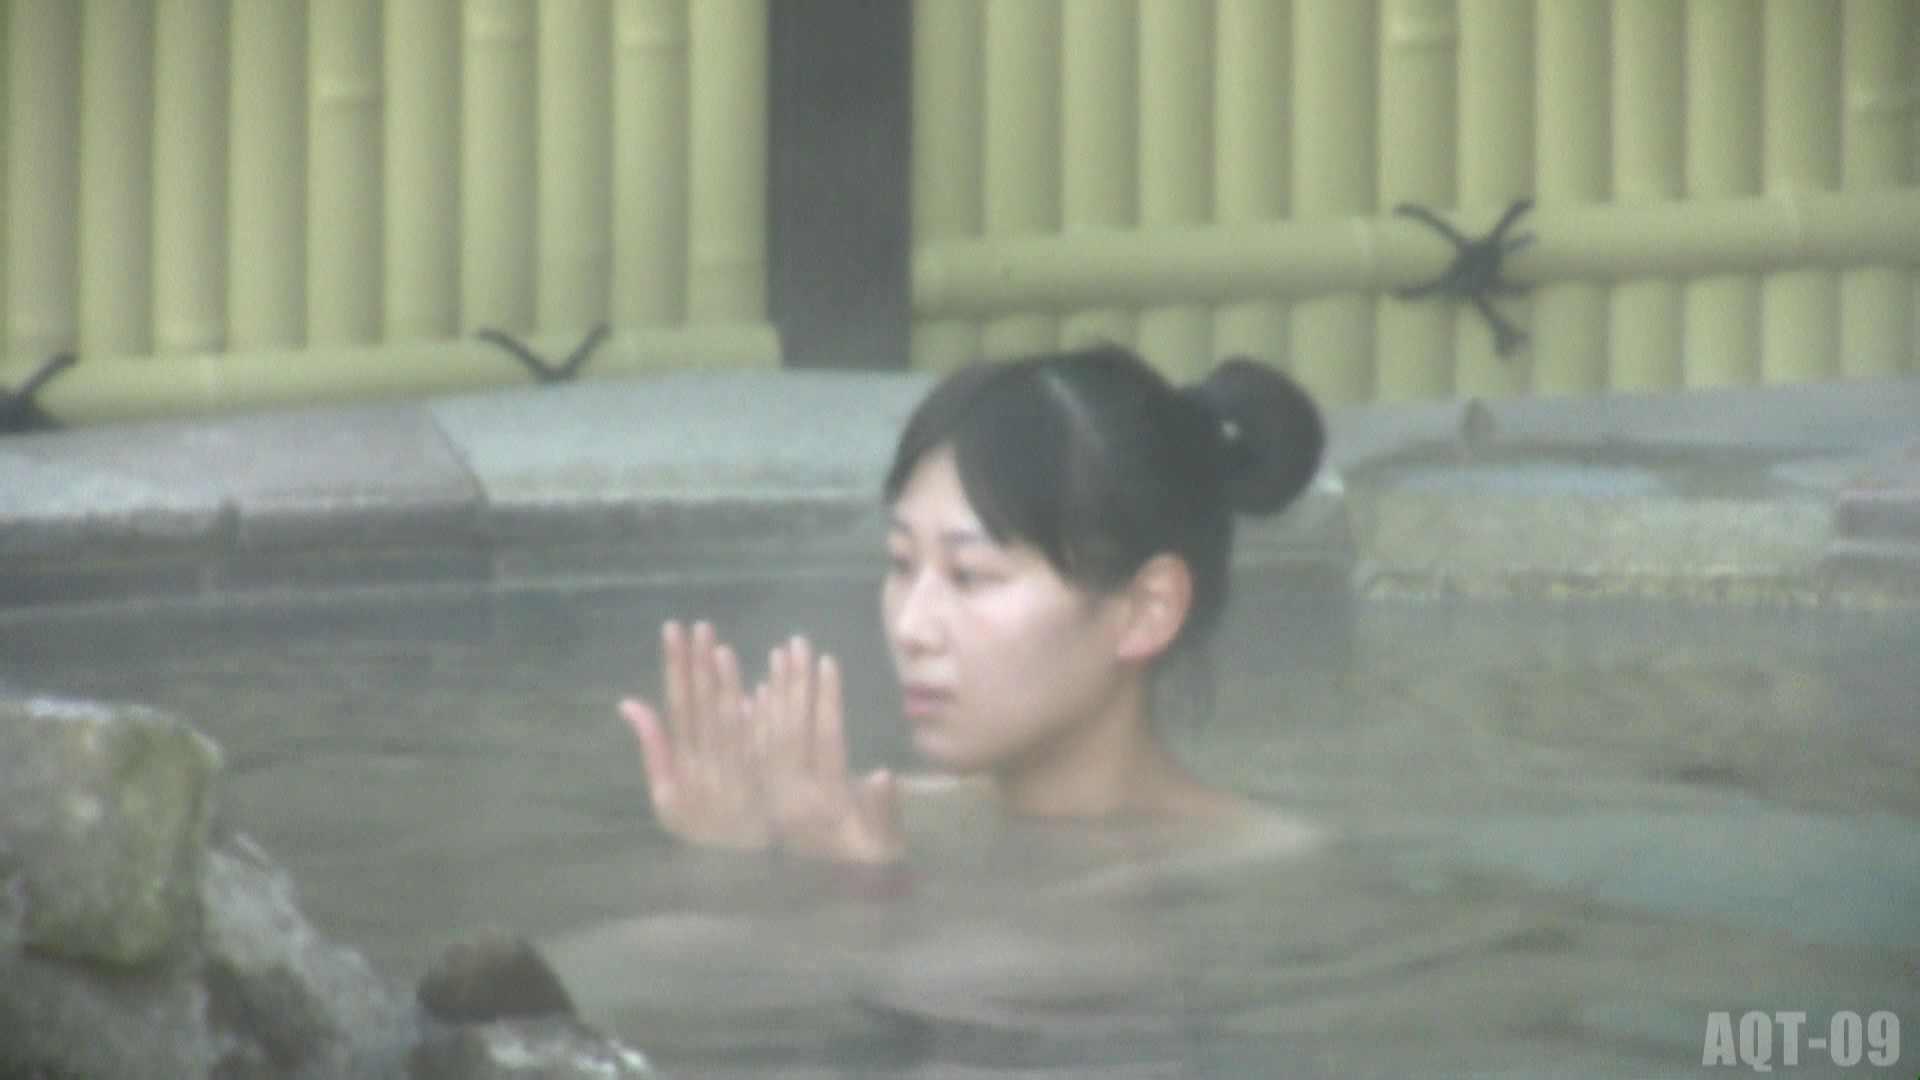 Aquaな露天風呂Vol.785 盗撮 | 露天  71pic 28